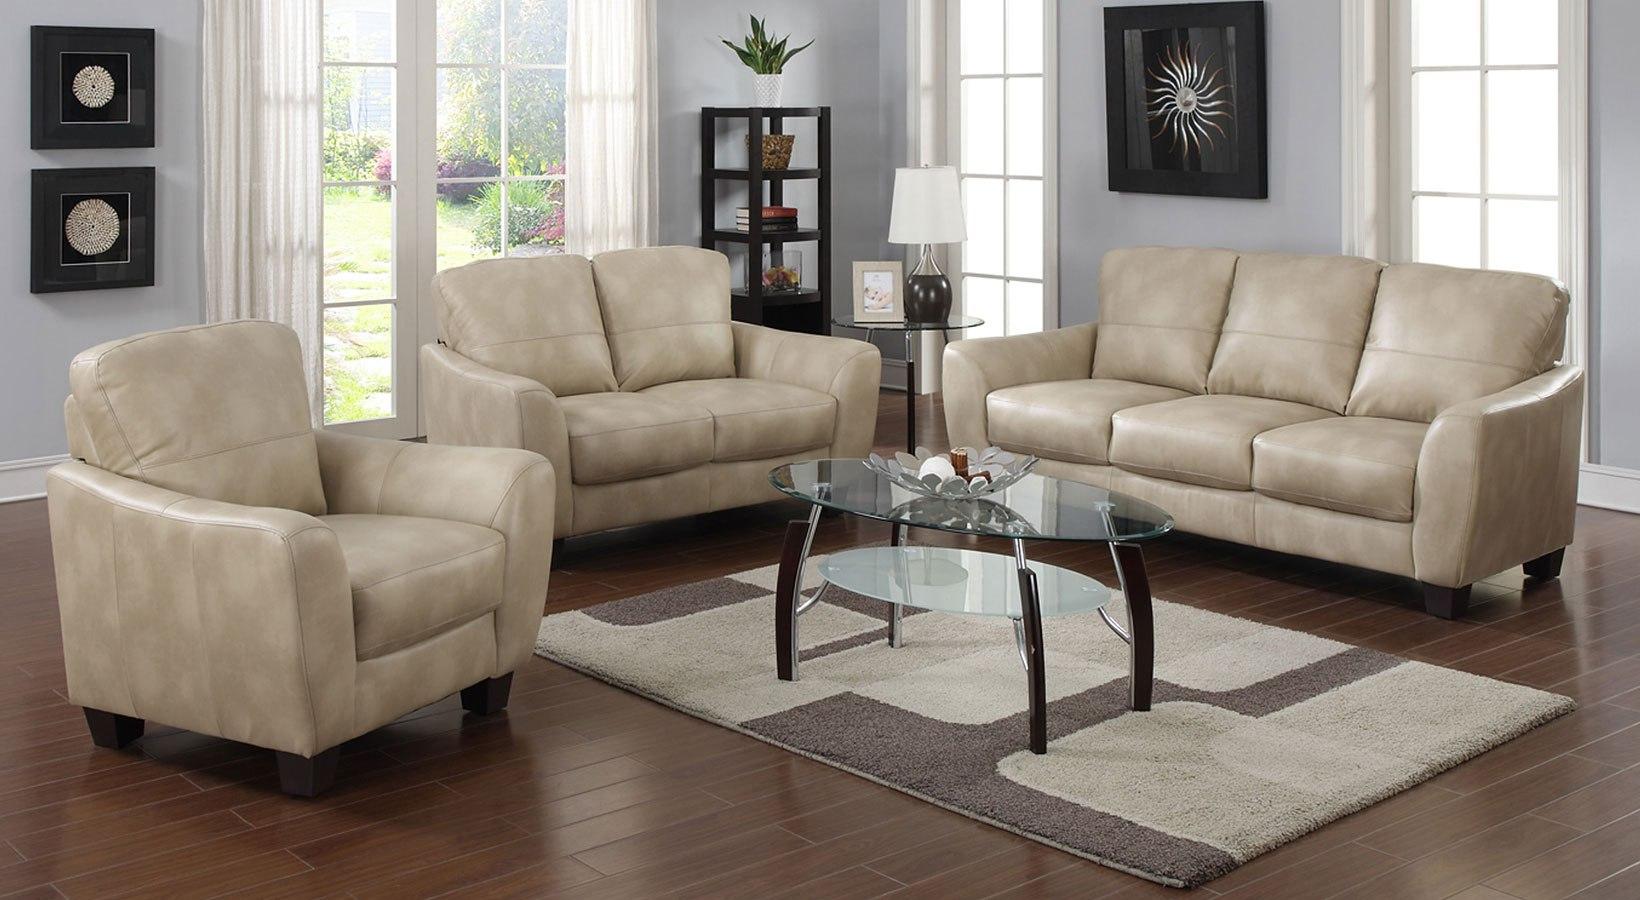 Fremont Living Room Set